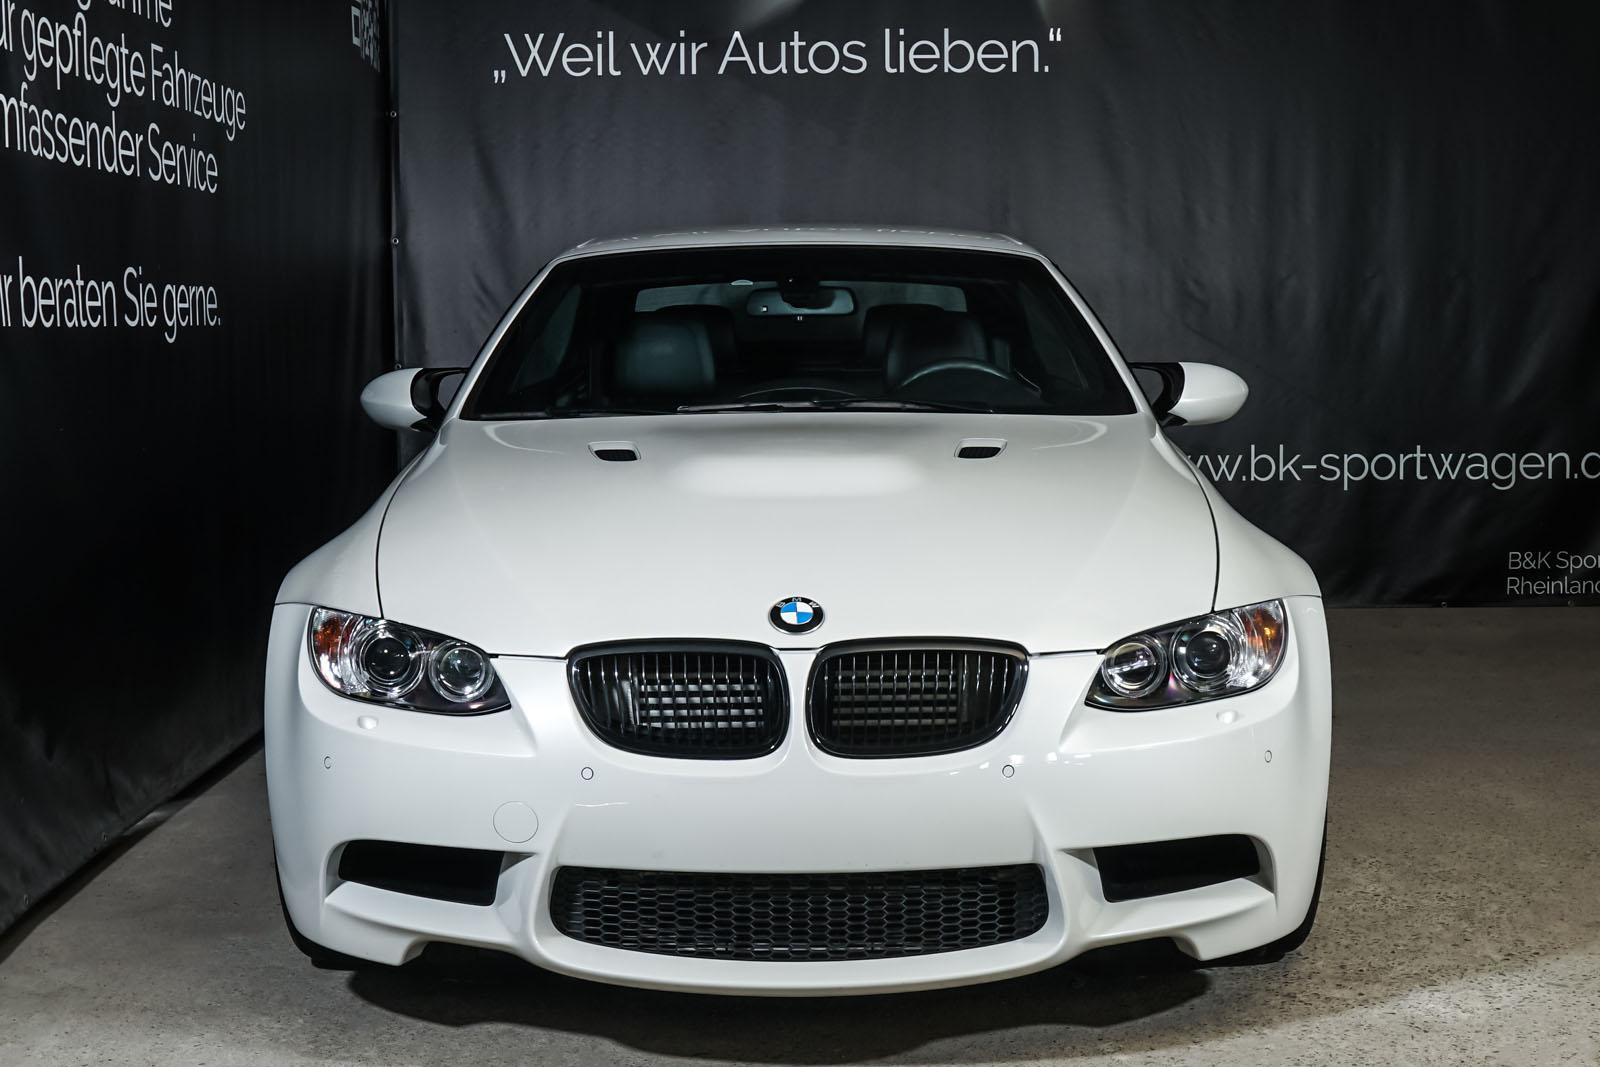 BMW_M3_Cabrio_Weiß_Schwarz_BMW-5973_1_w